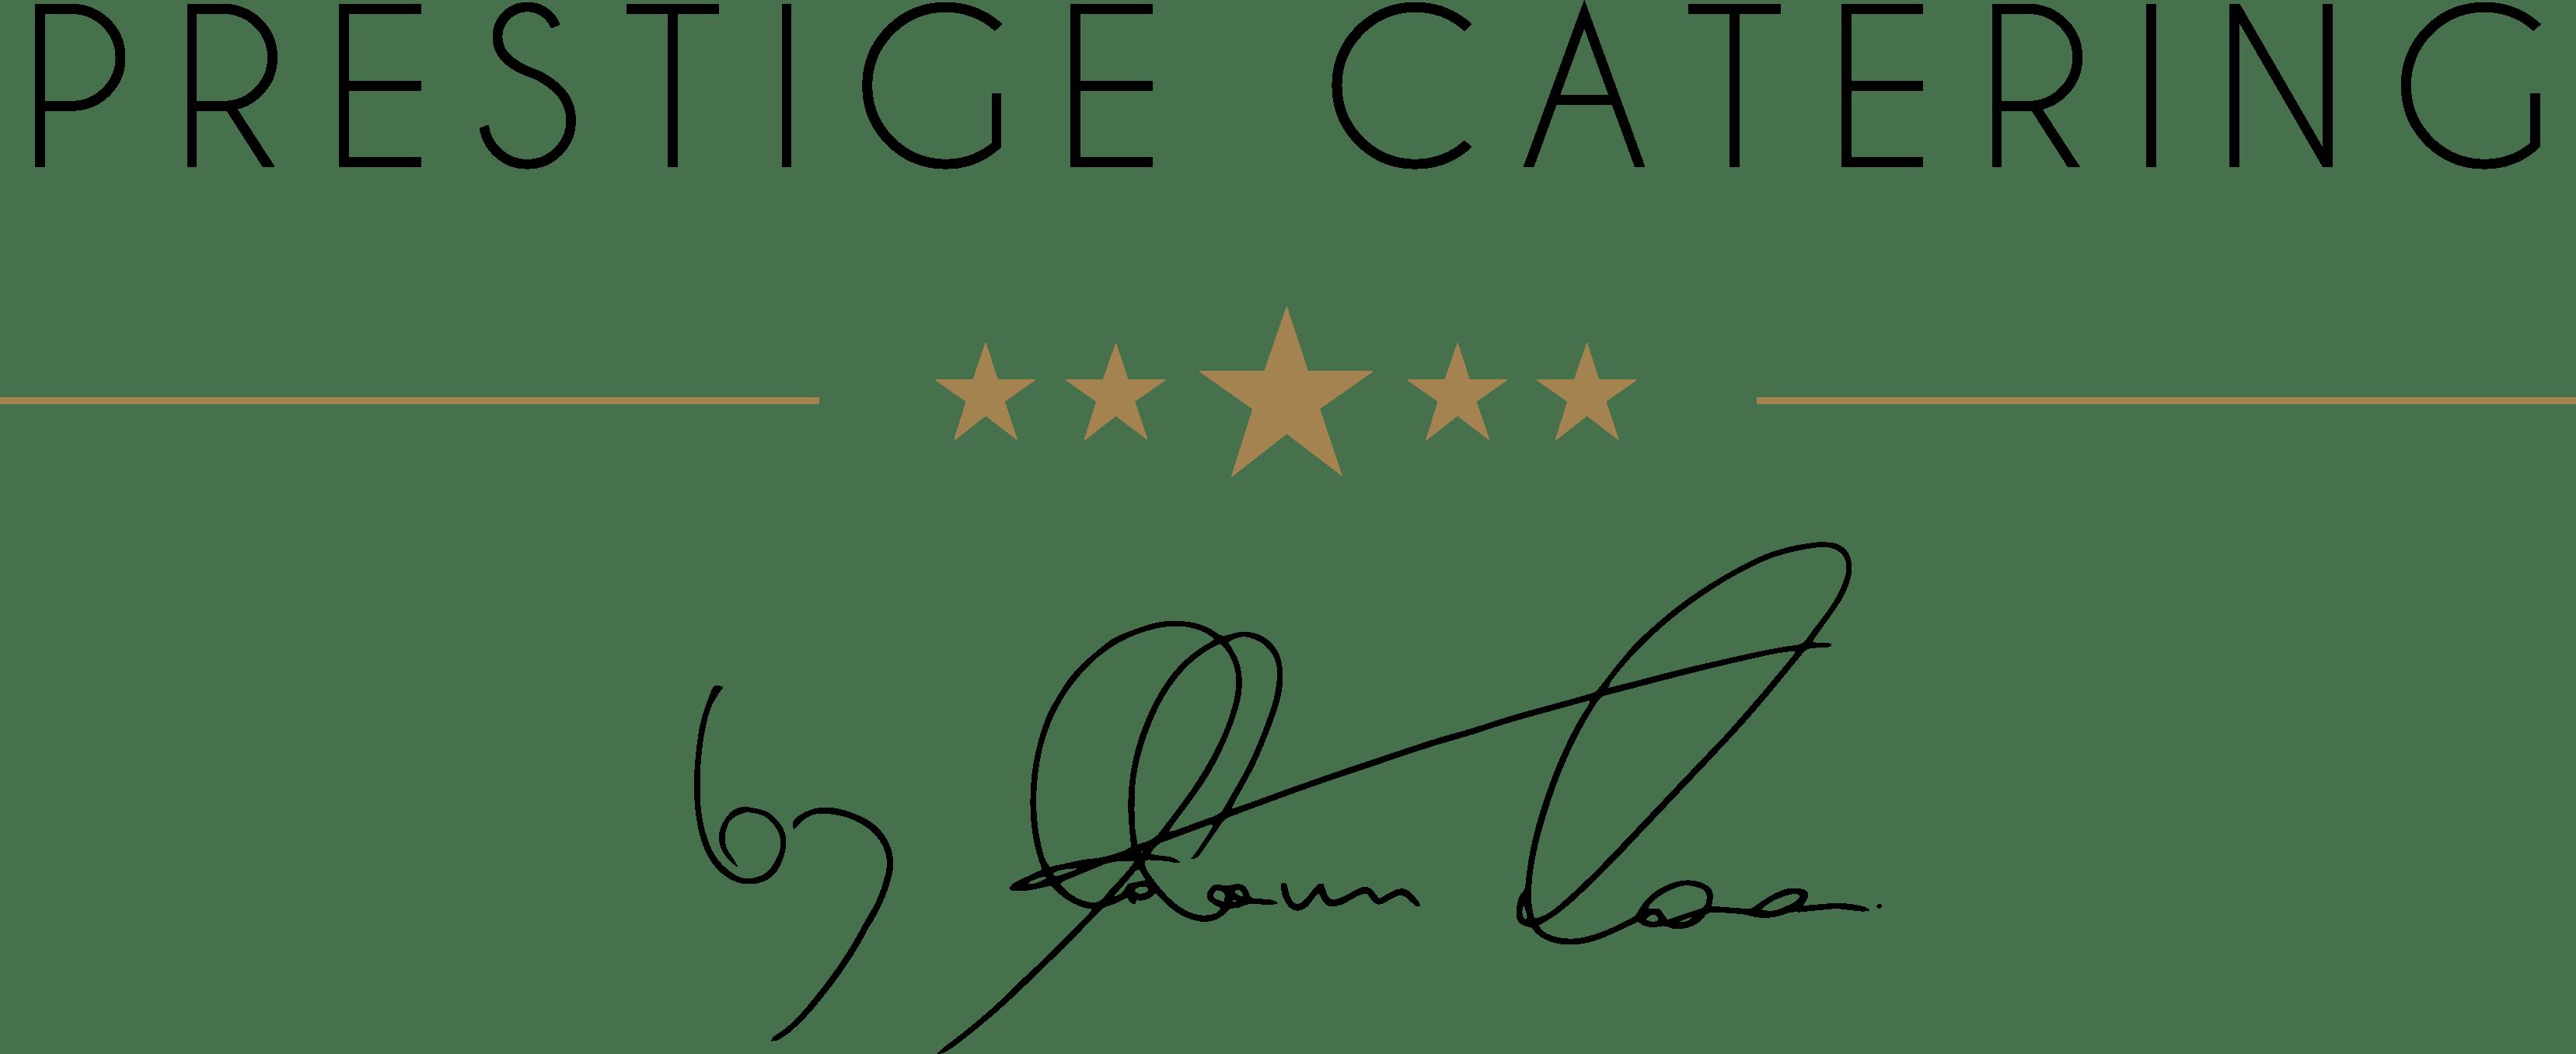 Prestige Catering by Adam Komar